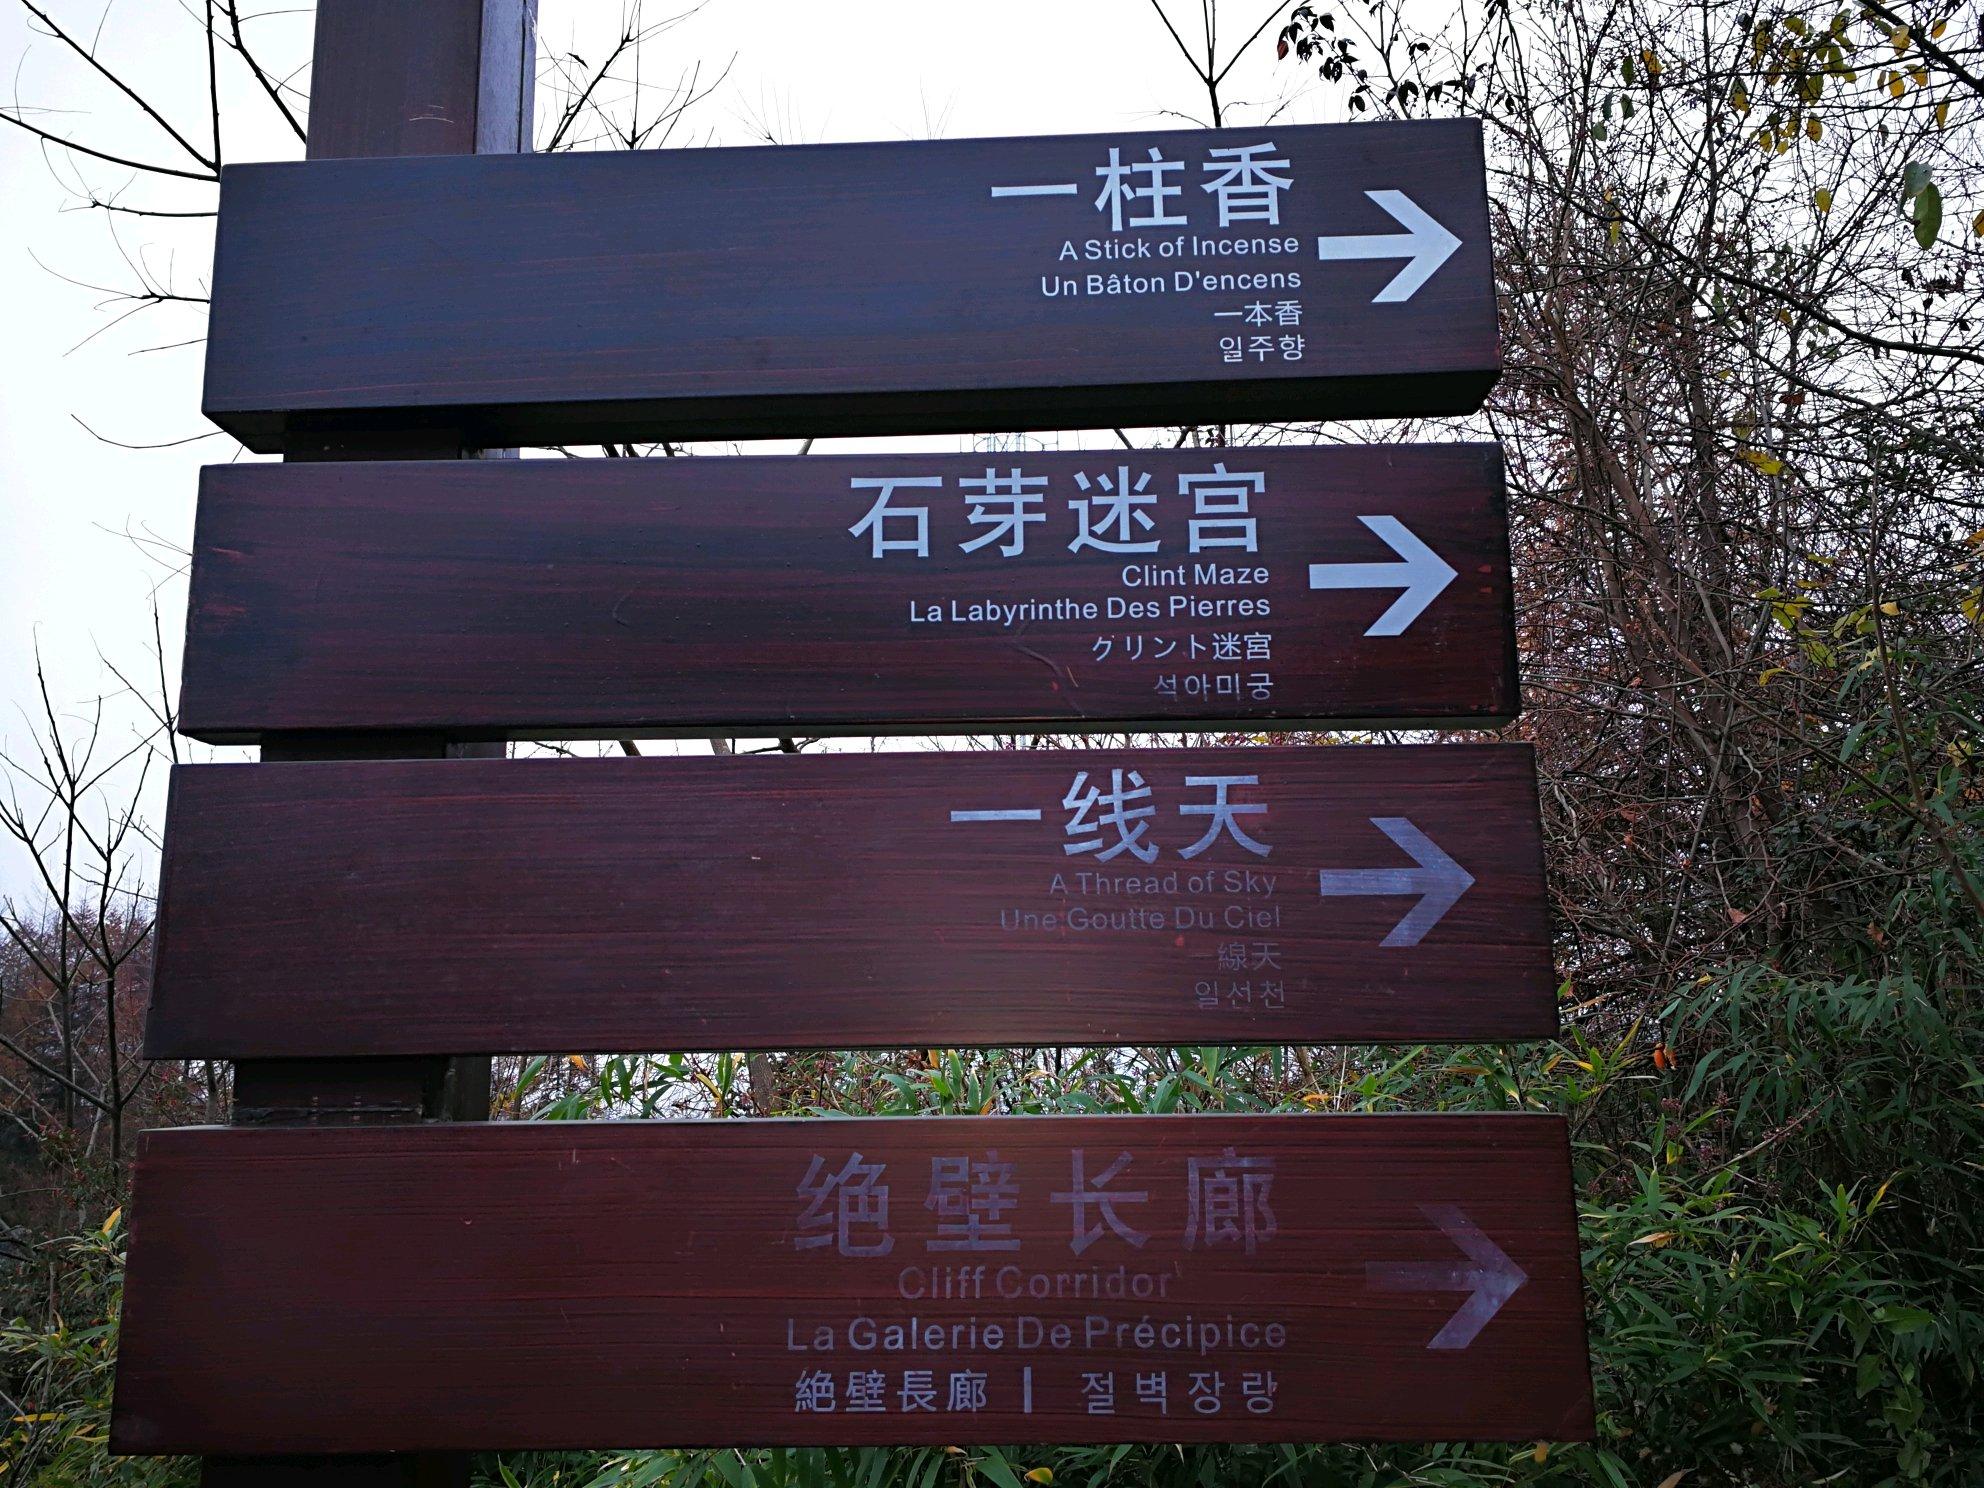 2019恩施河攻略游玩景点,云龙大峡谷主要传说攻略教截2.01地缝